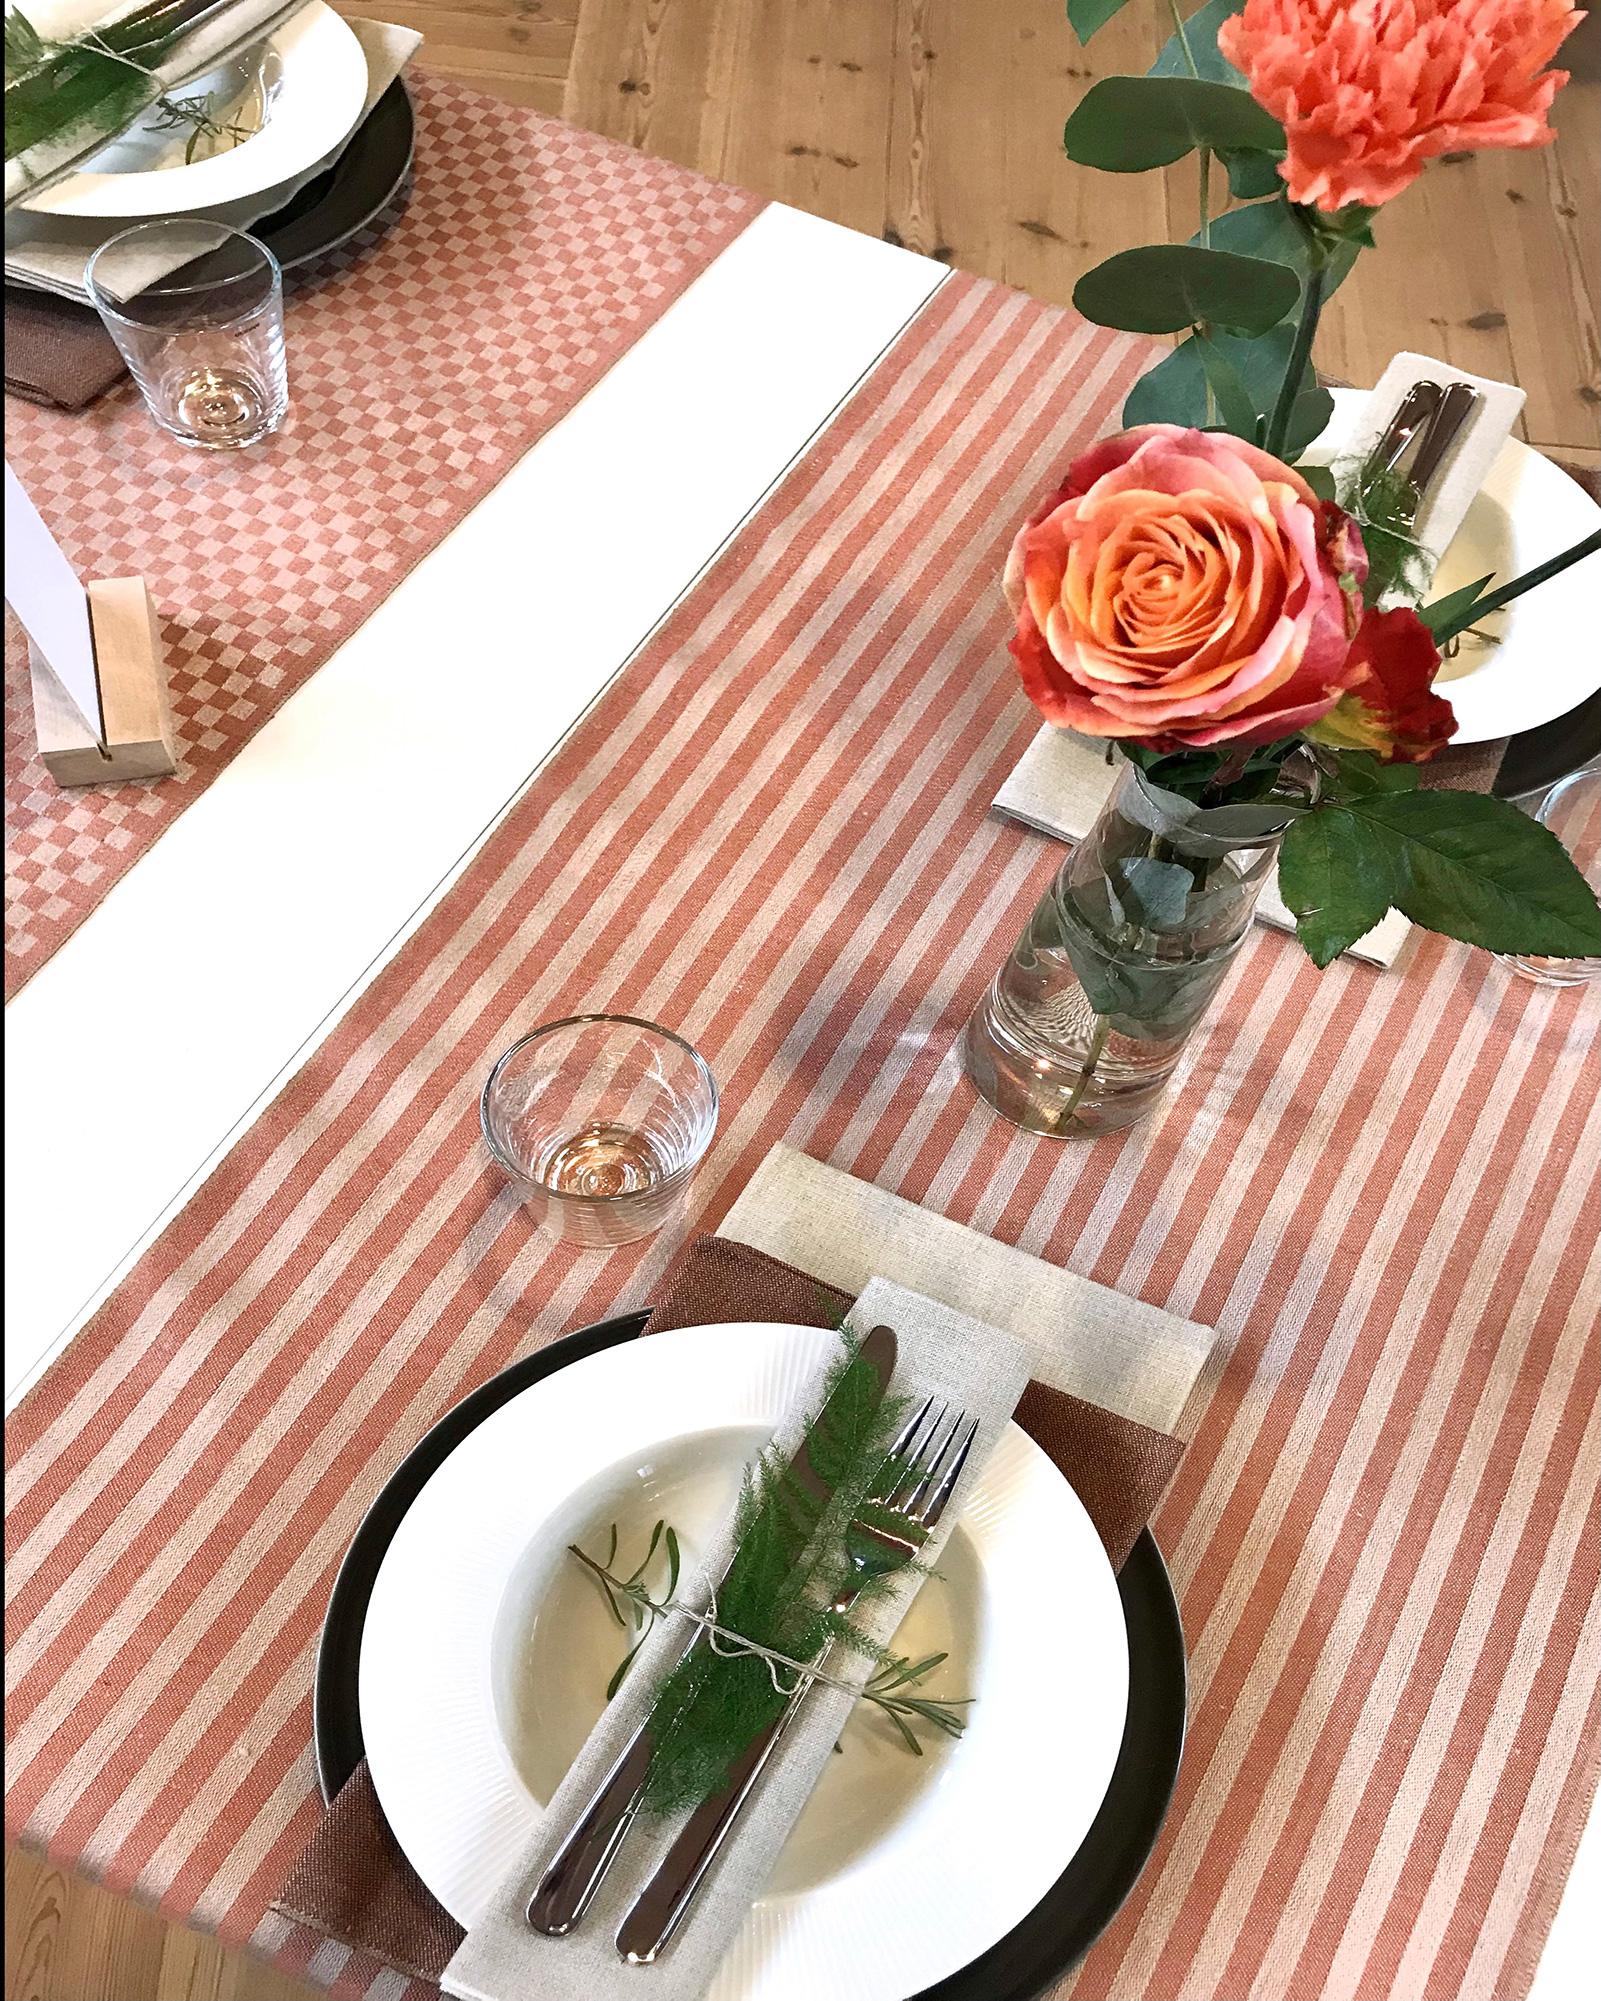 Anne och Line puderrosa bordslöpare Santin oblekt och rostbrun och Robust oblekt servetter